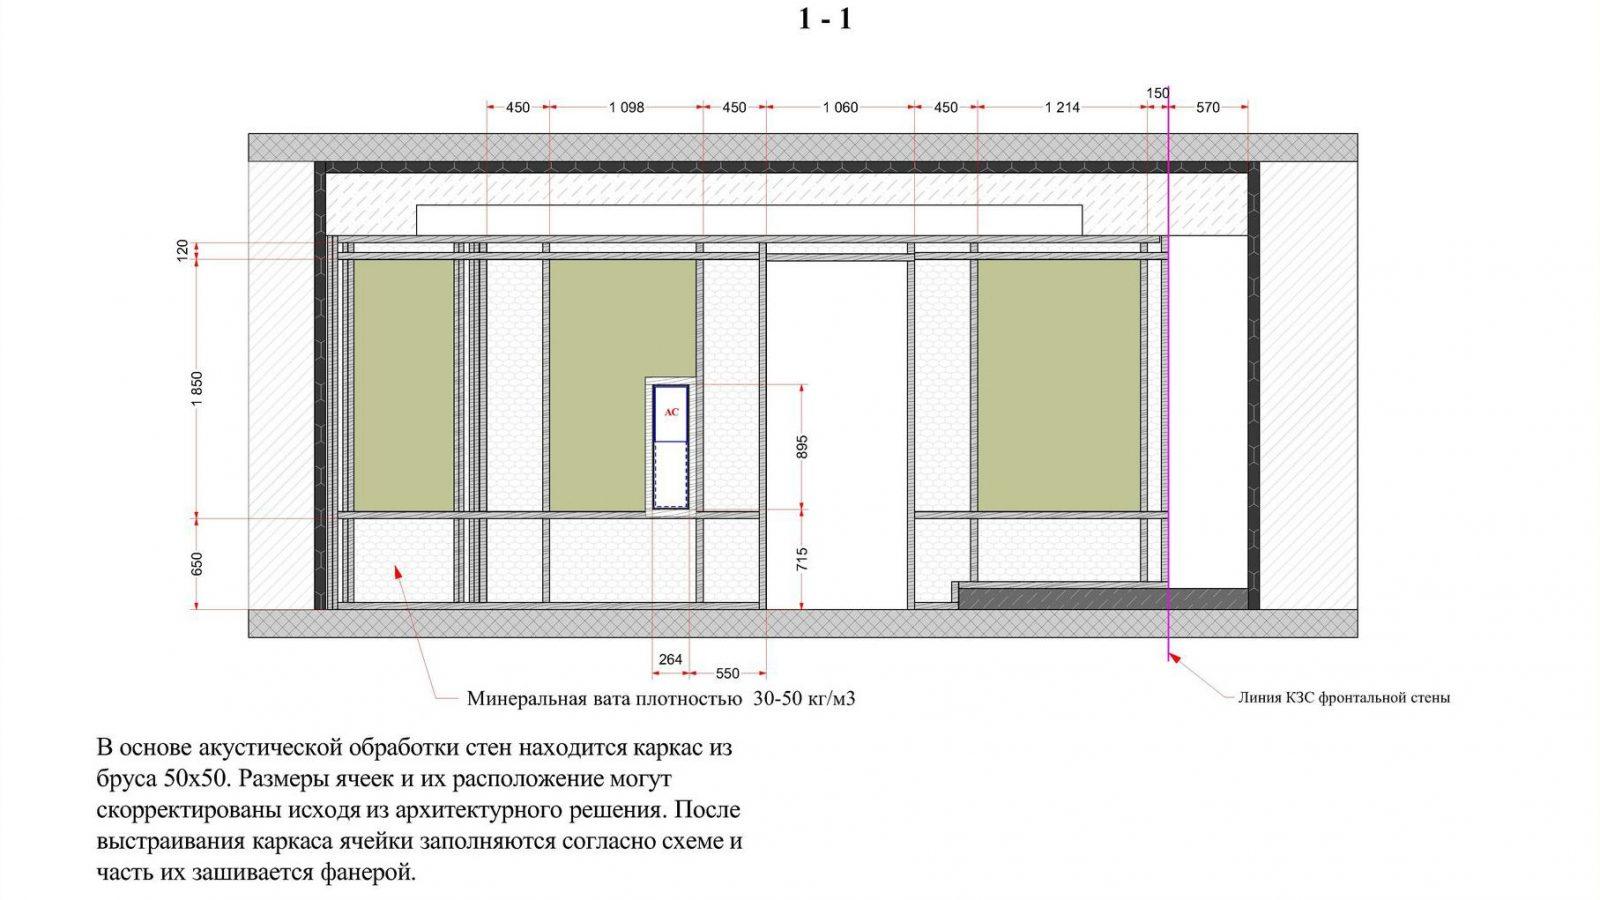 proekt_beresta_itogovyy_stranica_18